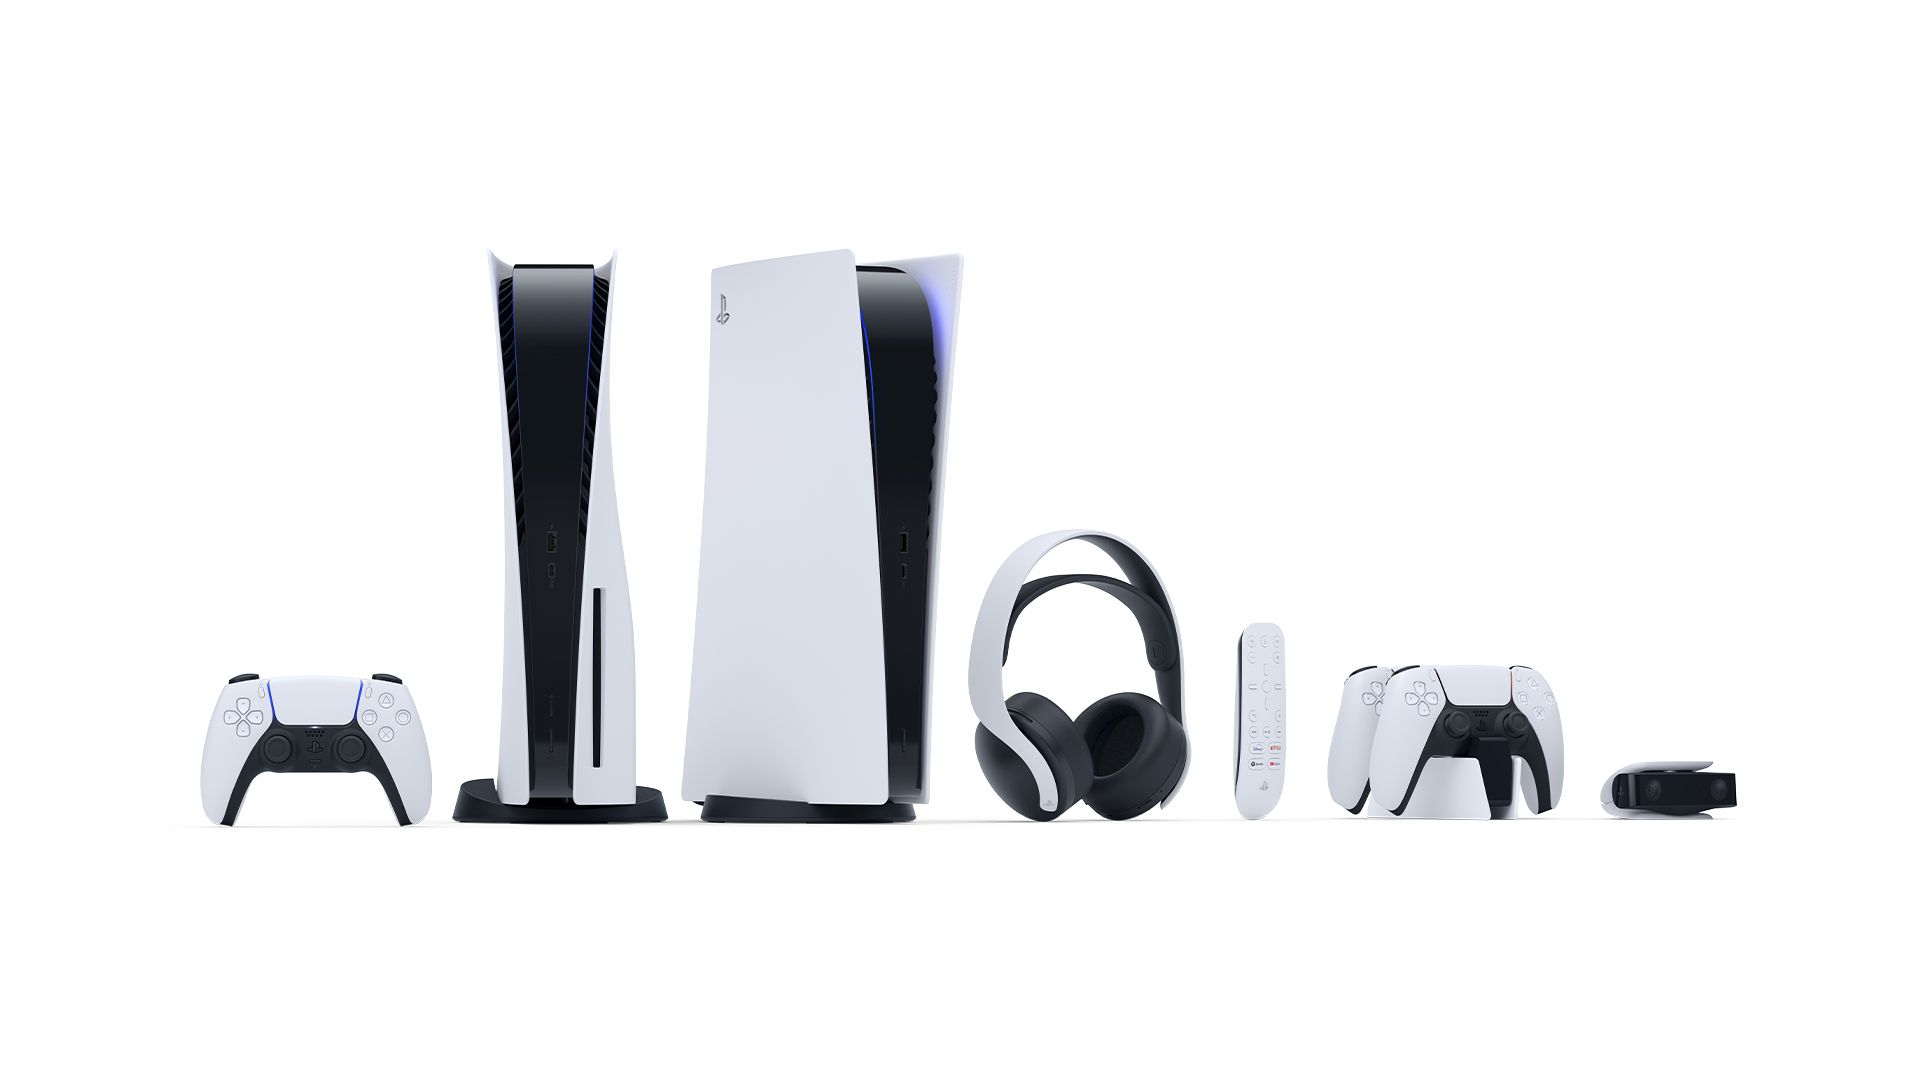 Design do PS5 e acessórios do console. (Foto: Divulgação/Sony)